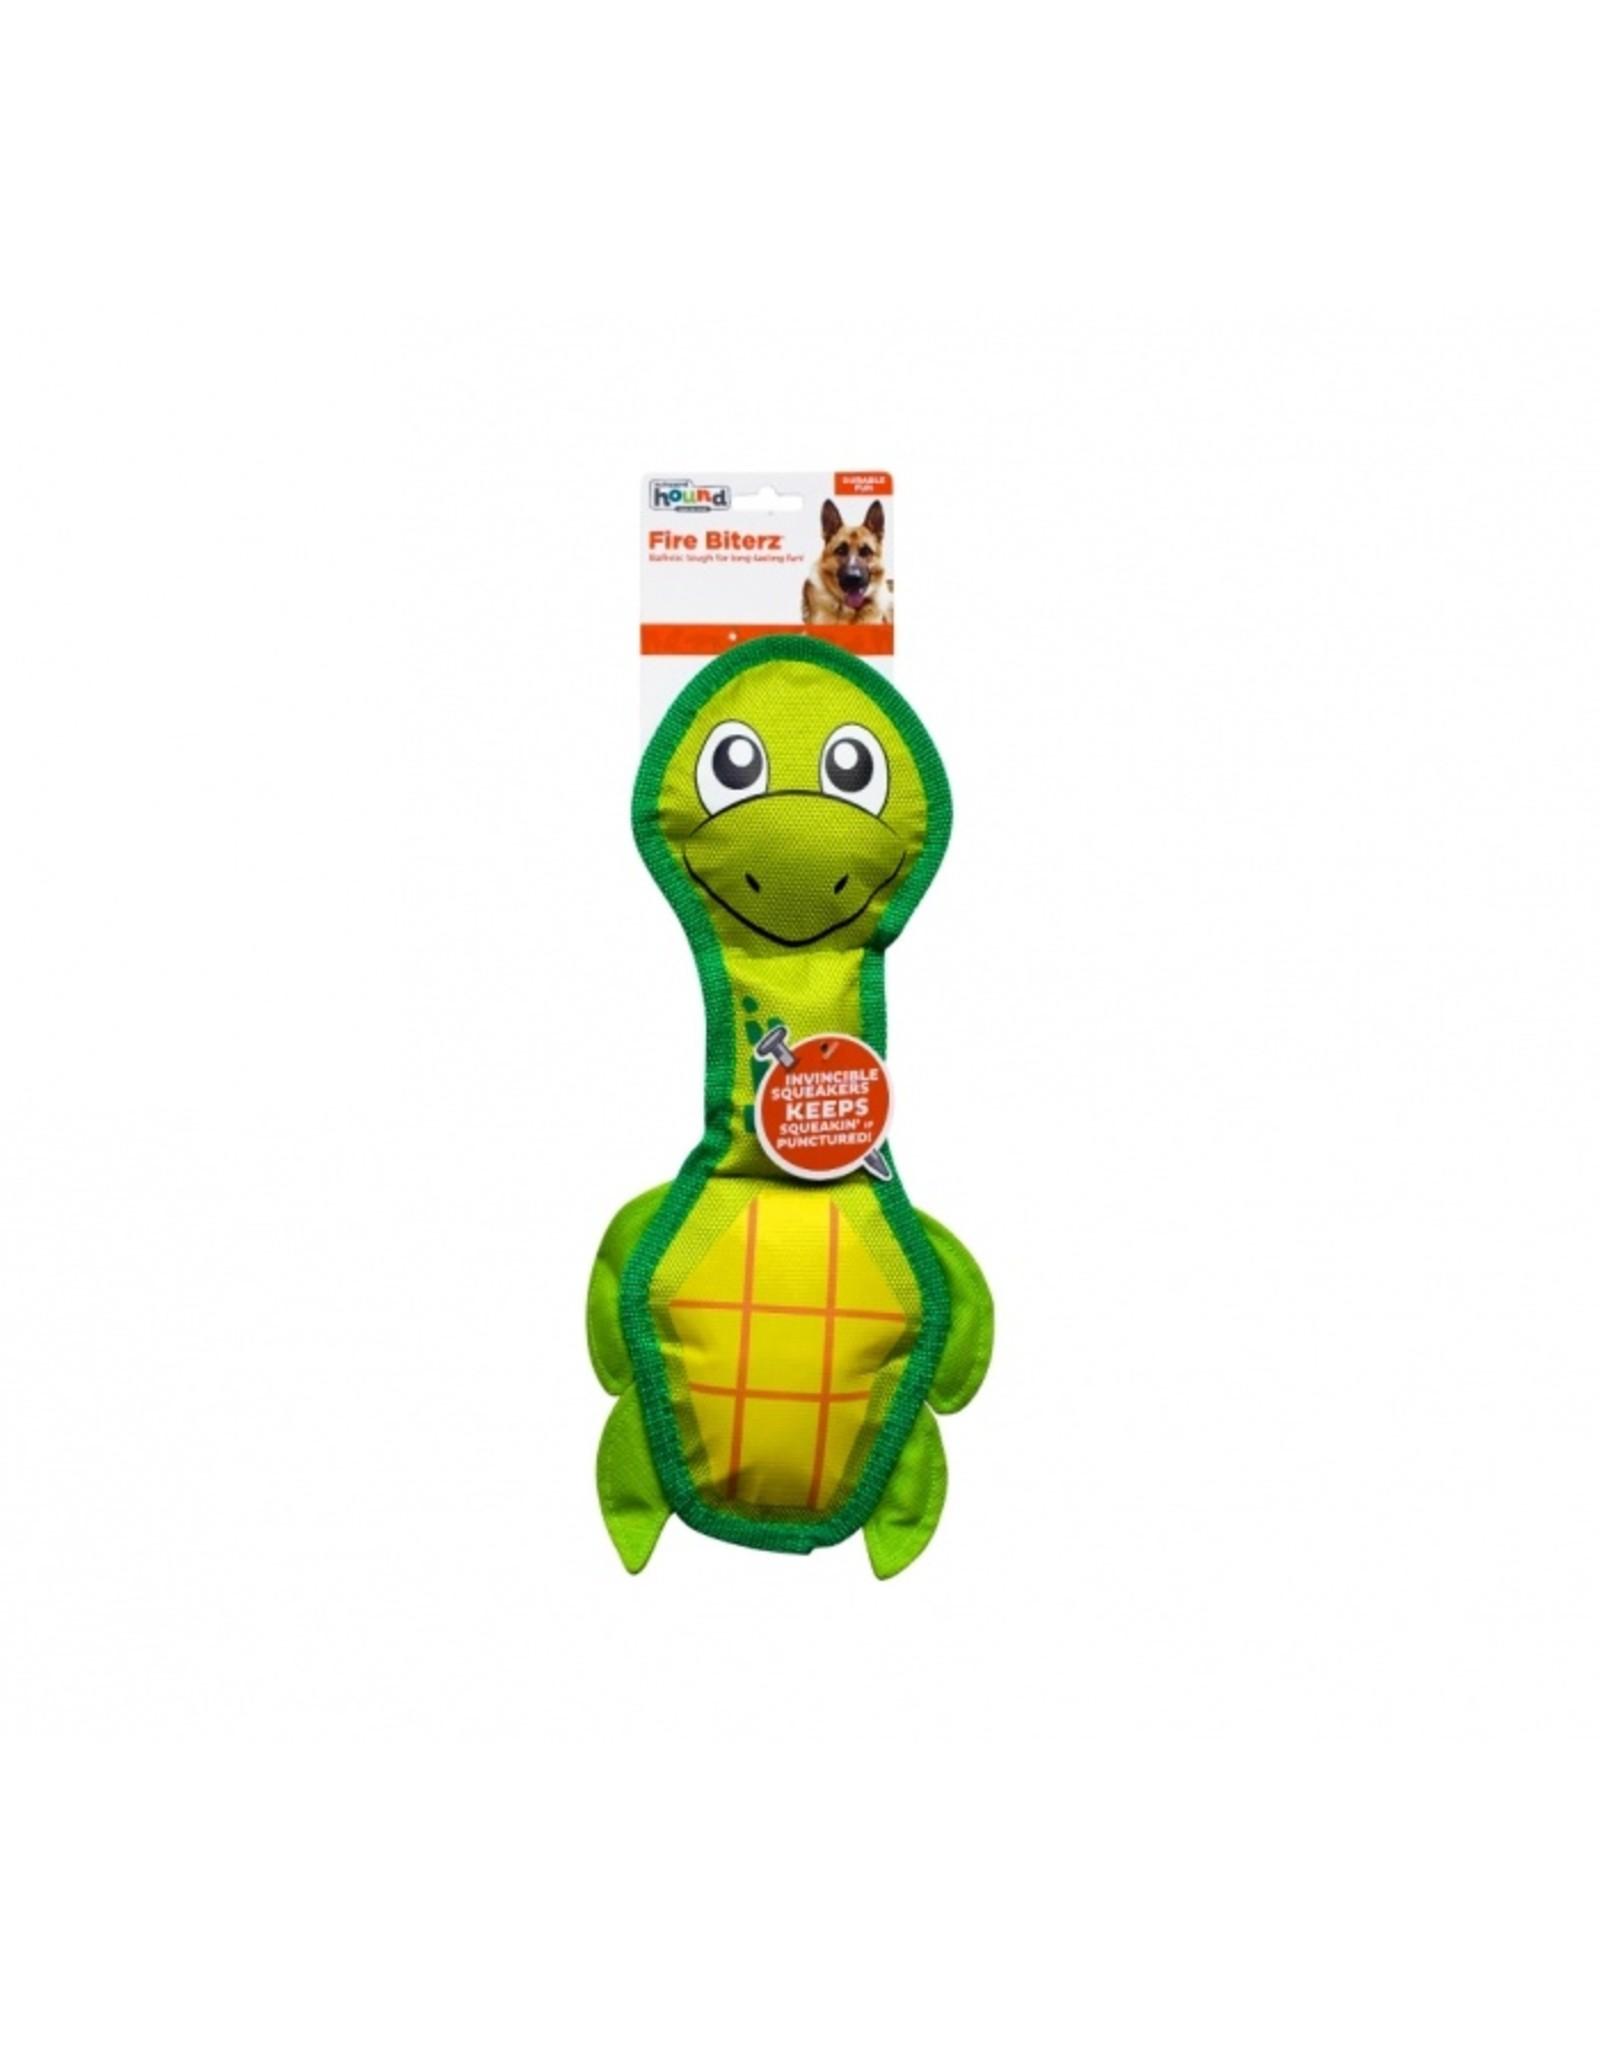 Outward Hound Outward Hound Fire Biterz Sea Turtle Dog Toy